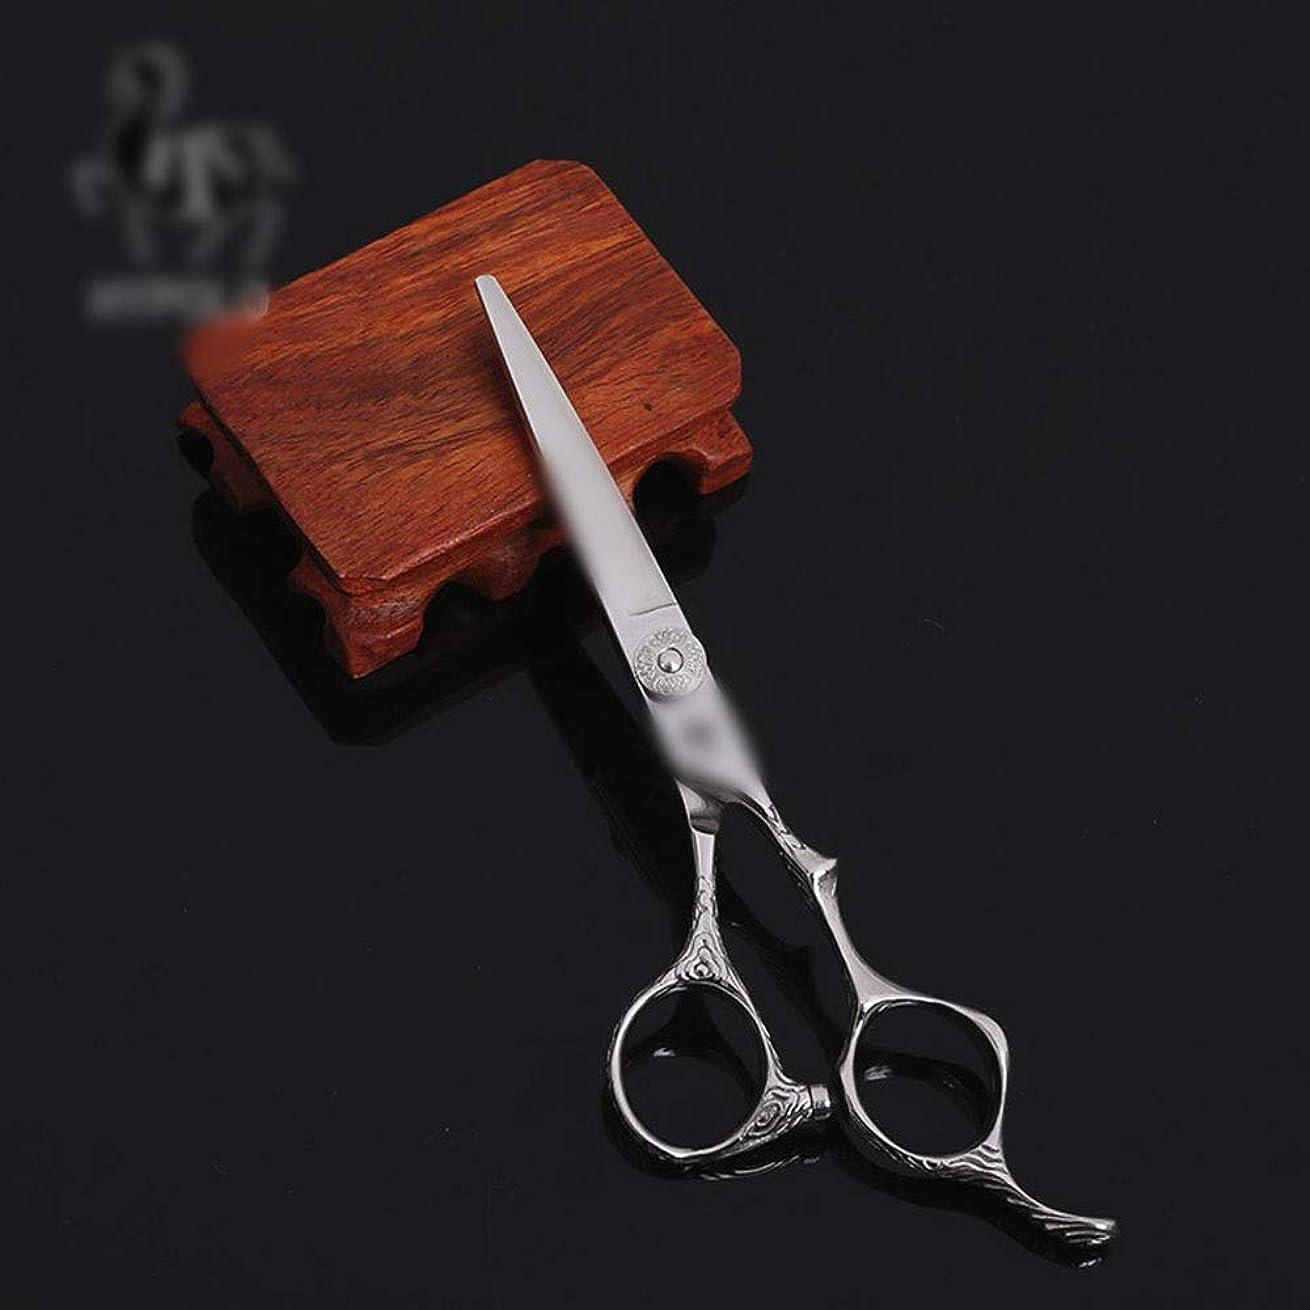 千失効誓約TAKAYAMA 6インチ美容院プロの理髪はさみ、ハイエンドのプロの理髪ツールフラットはさみ (色 : Silver)